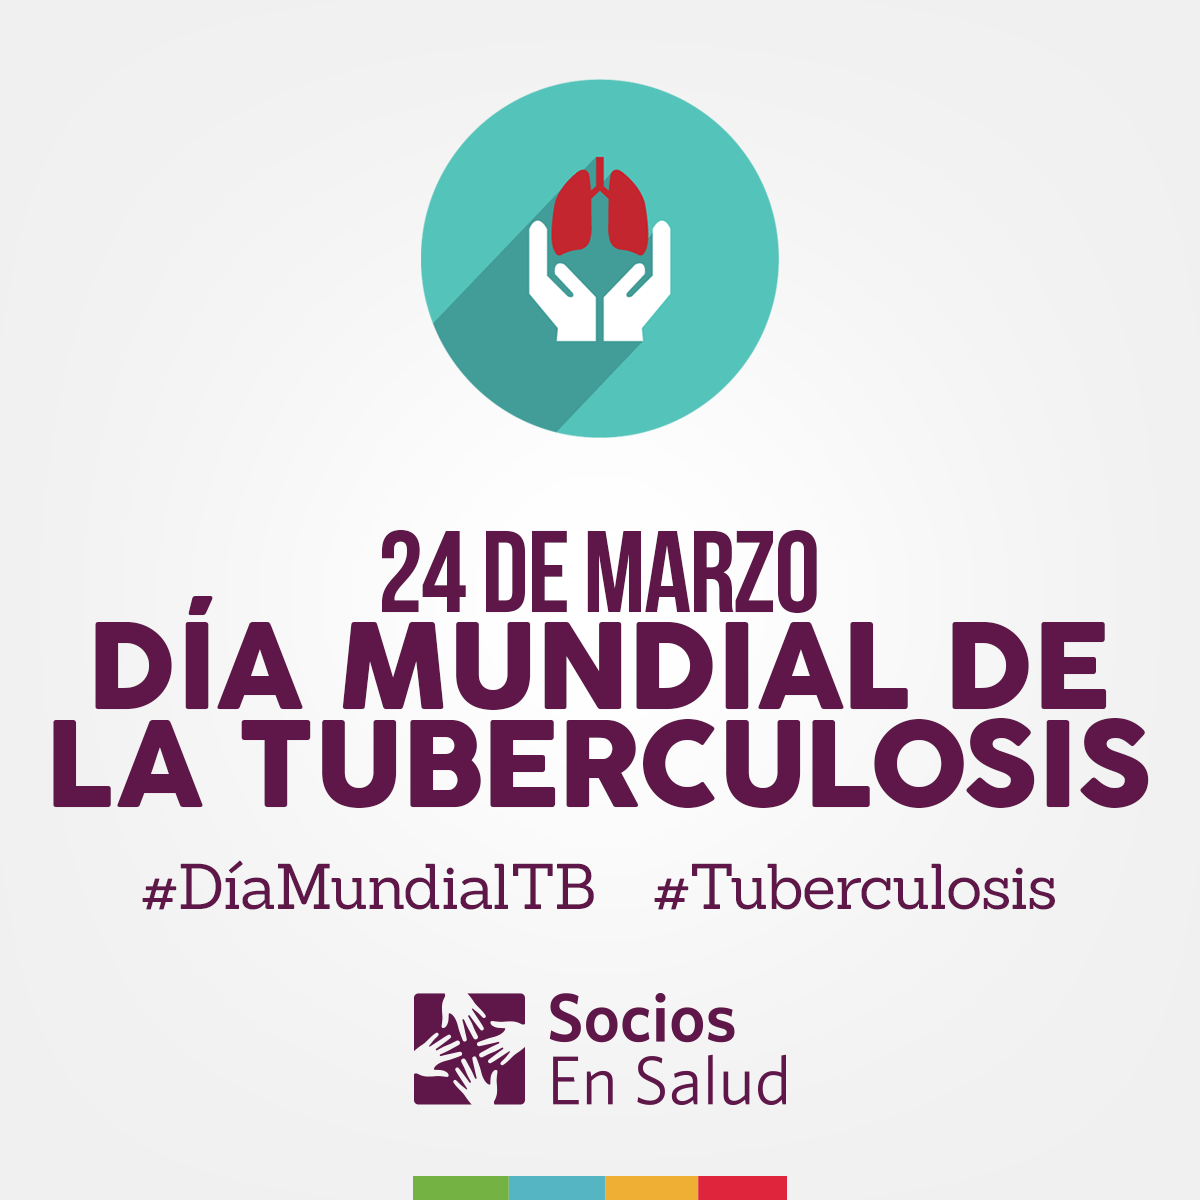 Día mundial de la #prevención de la #tuberculosis. #DíaMundialDeLaTB #PrevencionEsSalud #FinTB #SociosEnSalud #Perú